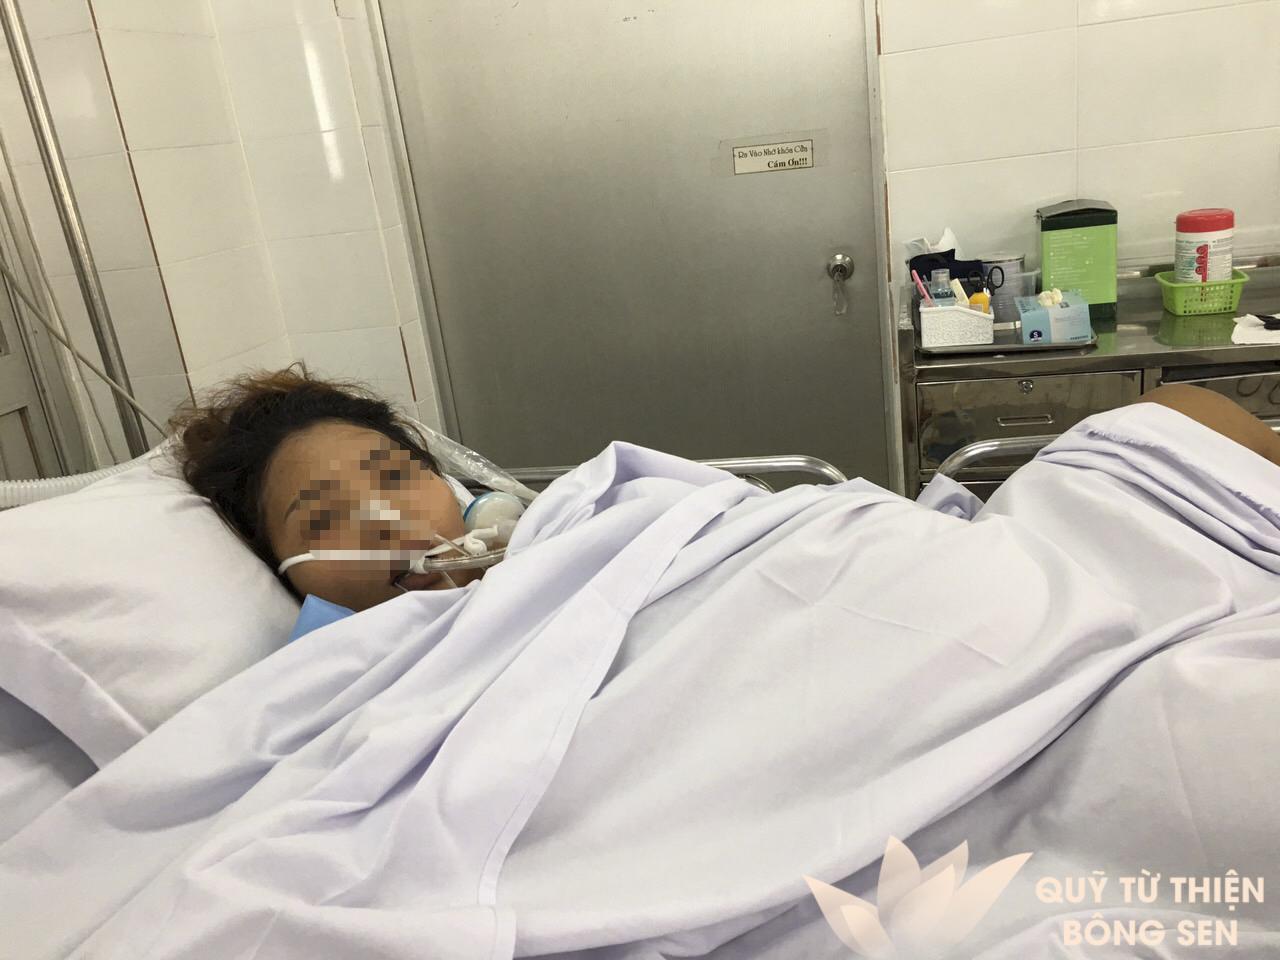 Kỳ 407: Thị Thu (sinh năm 1989), quê Bình Phước, viêm tụy cấp, hỗ trợ 12 triệu đồng ngày 19/04/2019